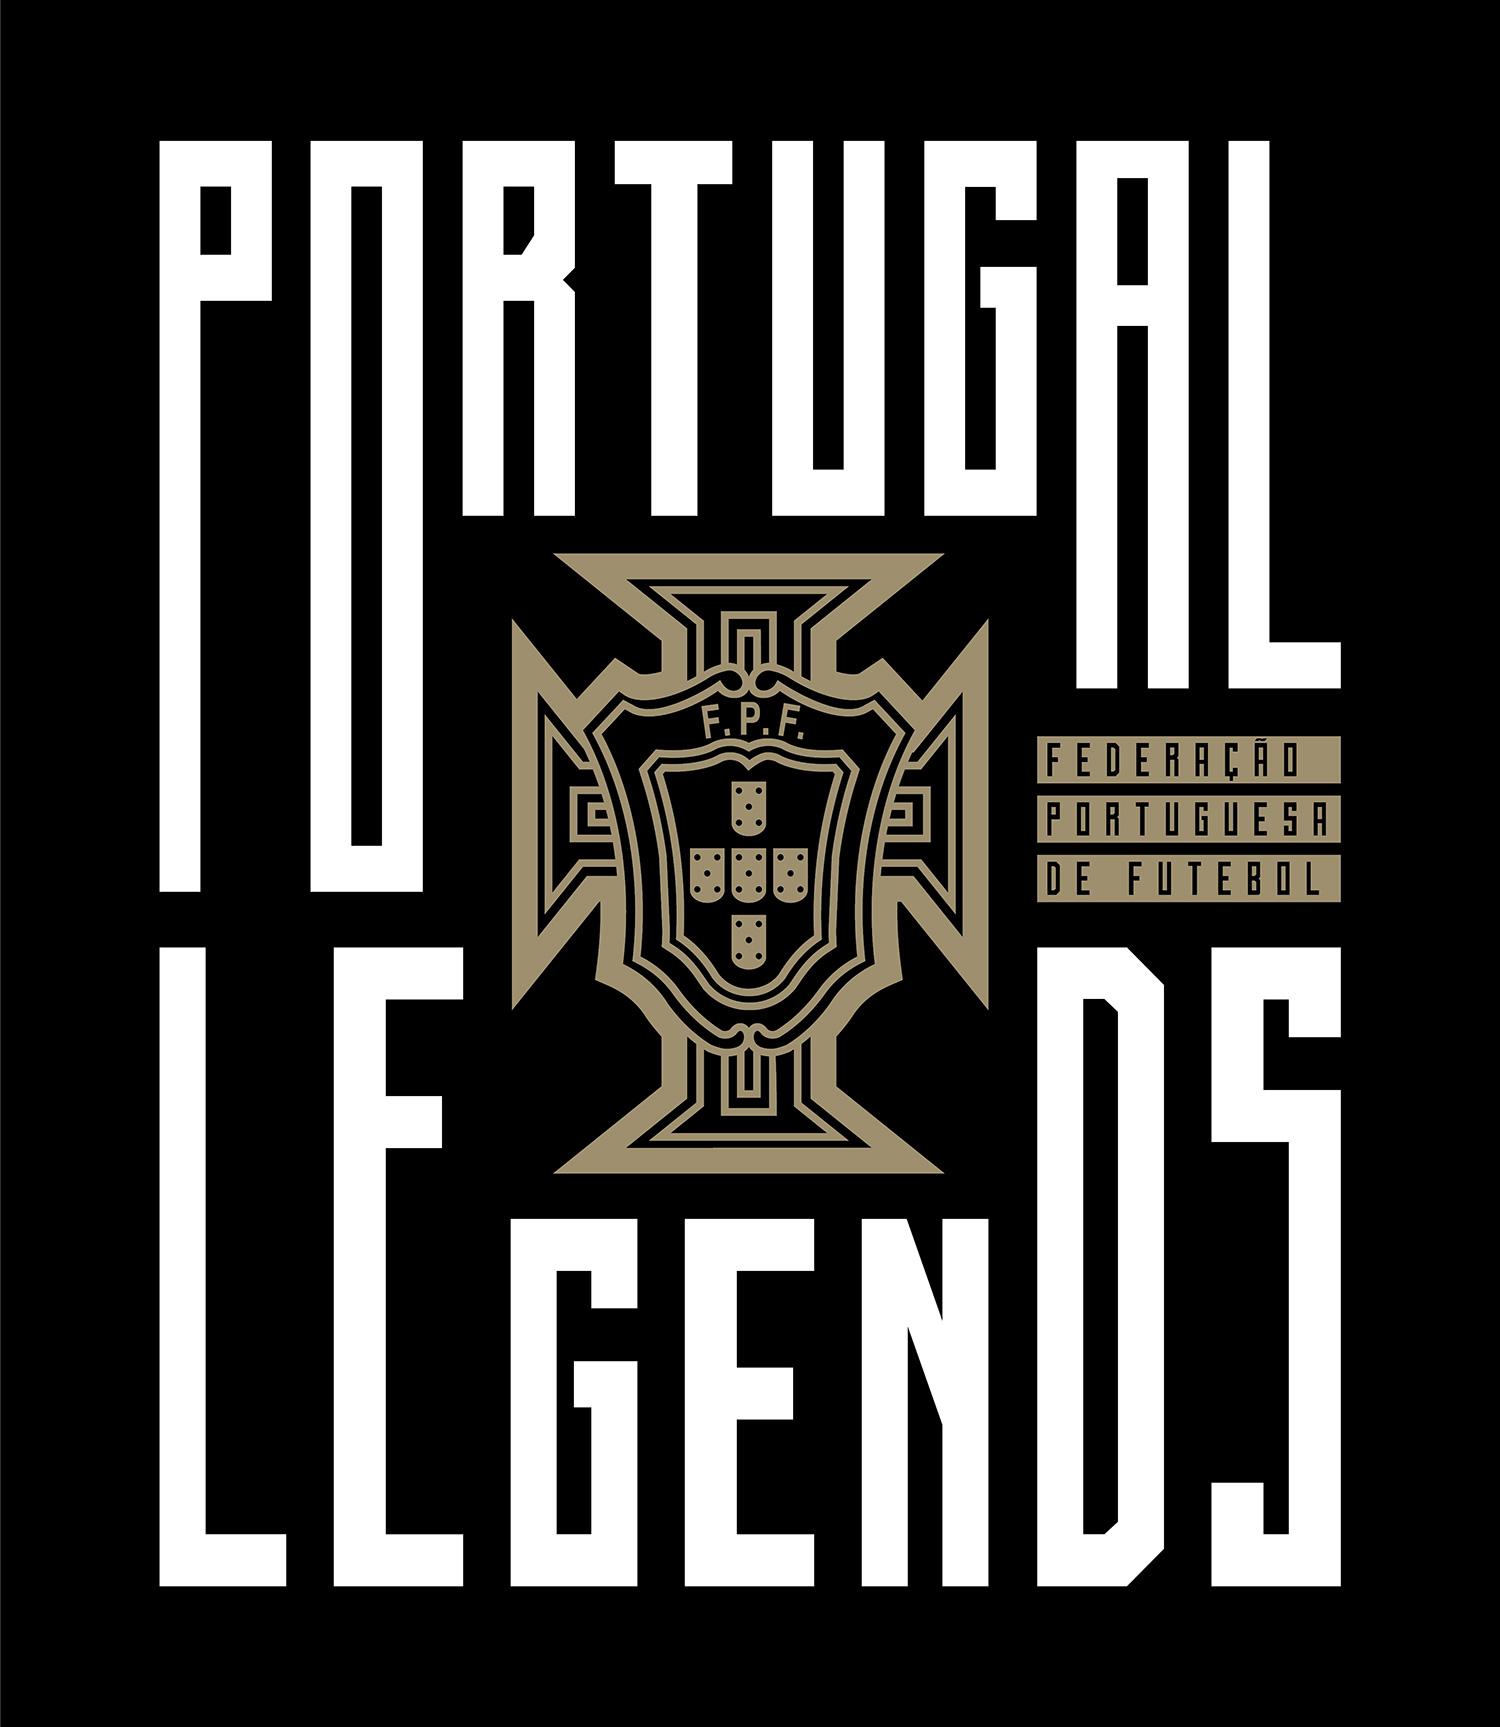 pt-legends-08